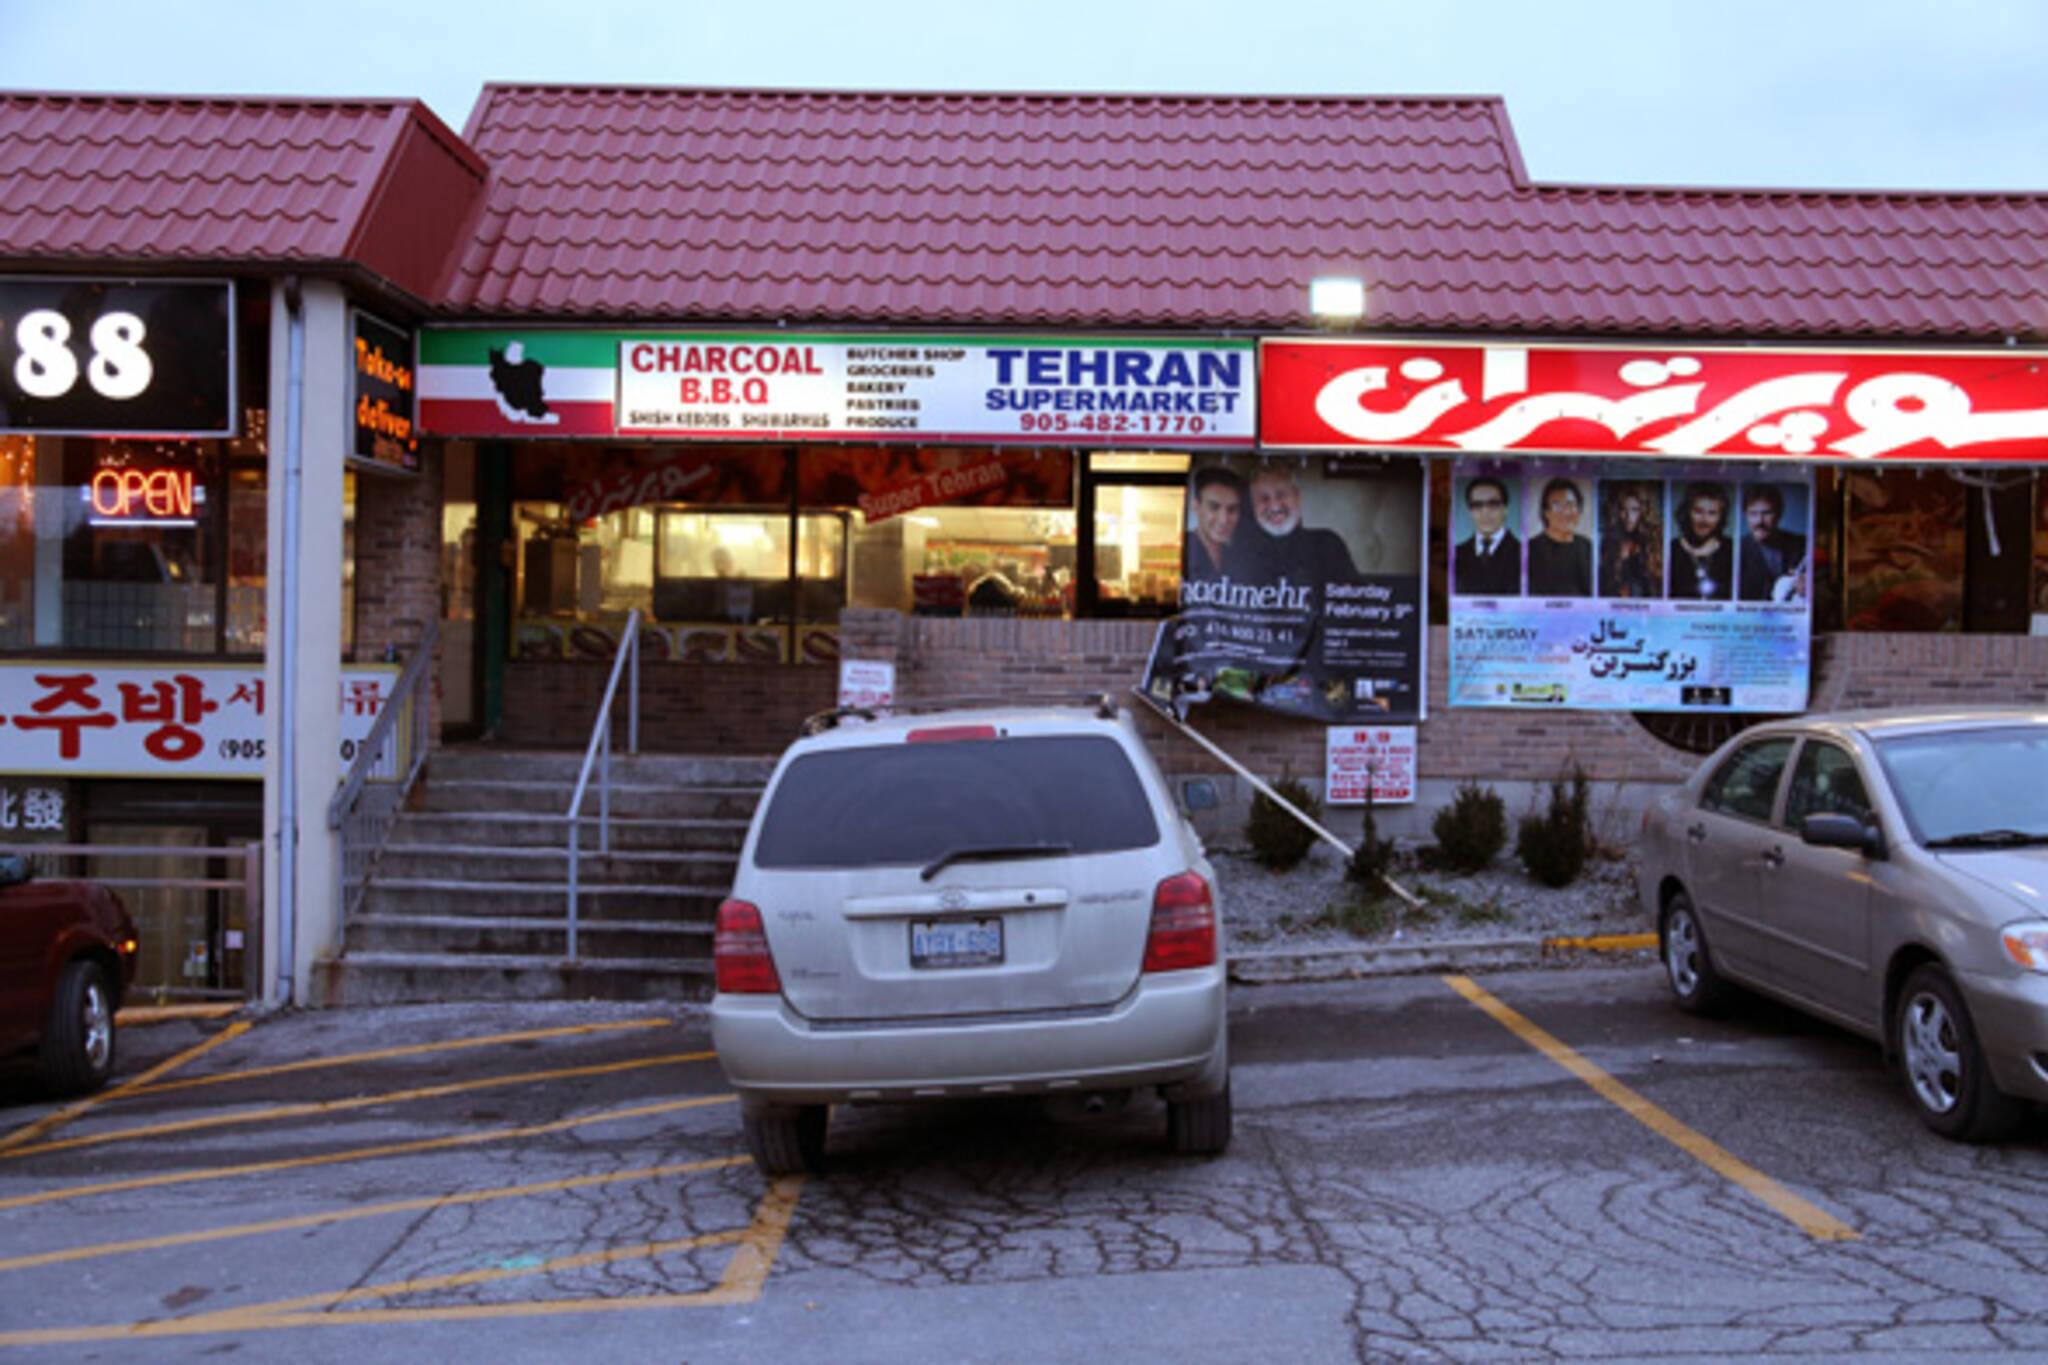 Tehran Supermarket Thornhill